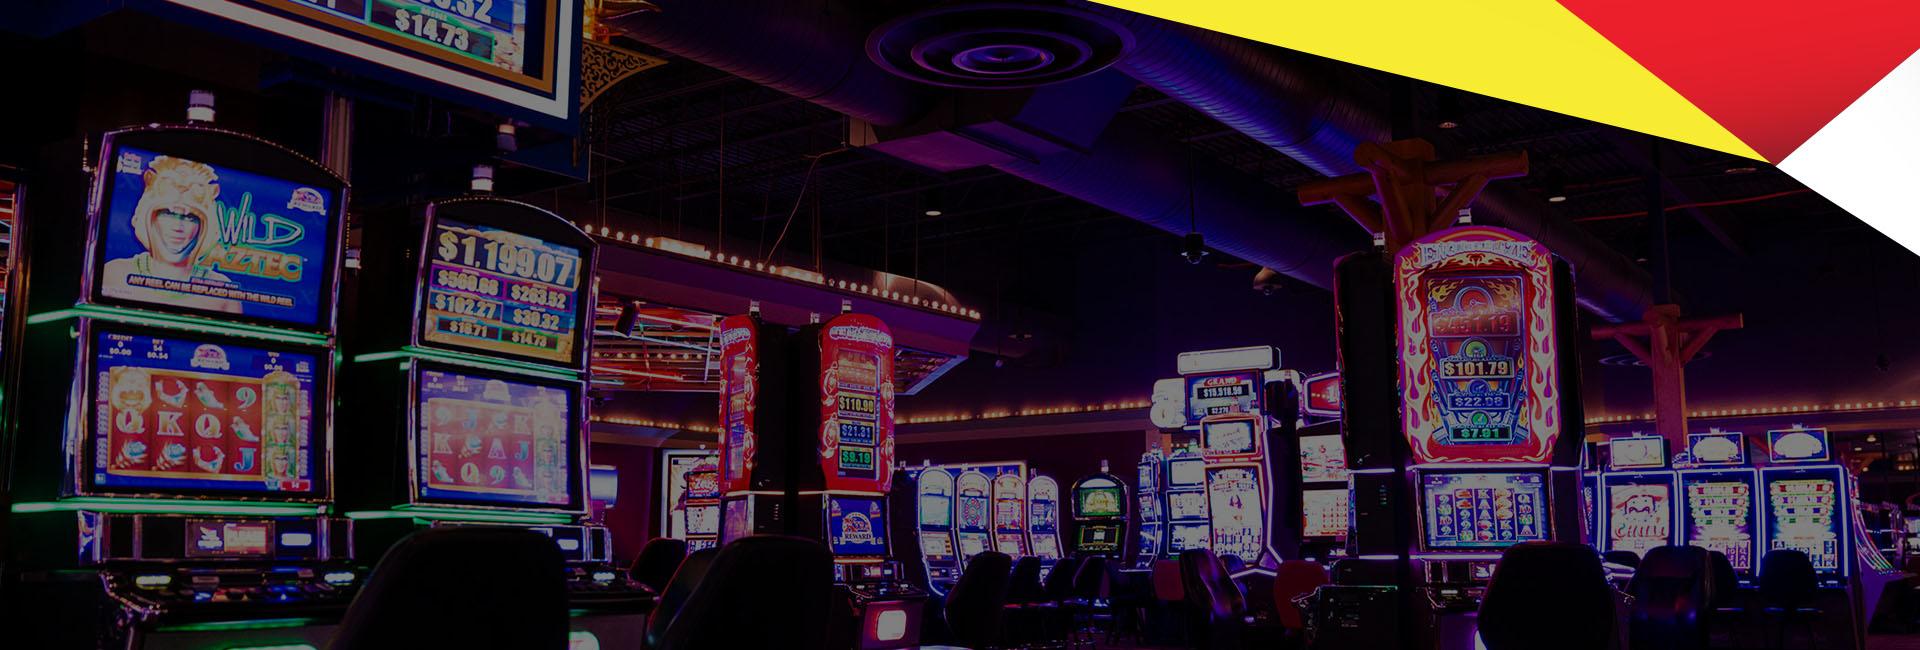 Вулкан казино варфейс игровые автоматы играть в халк